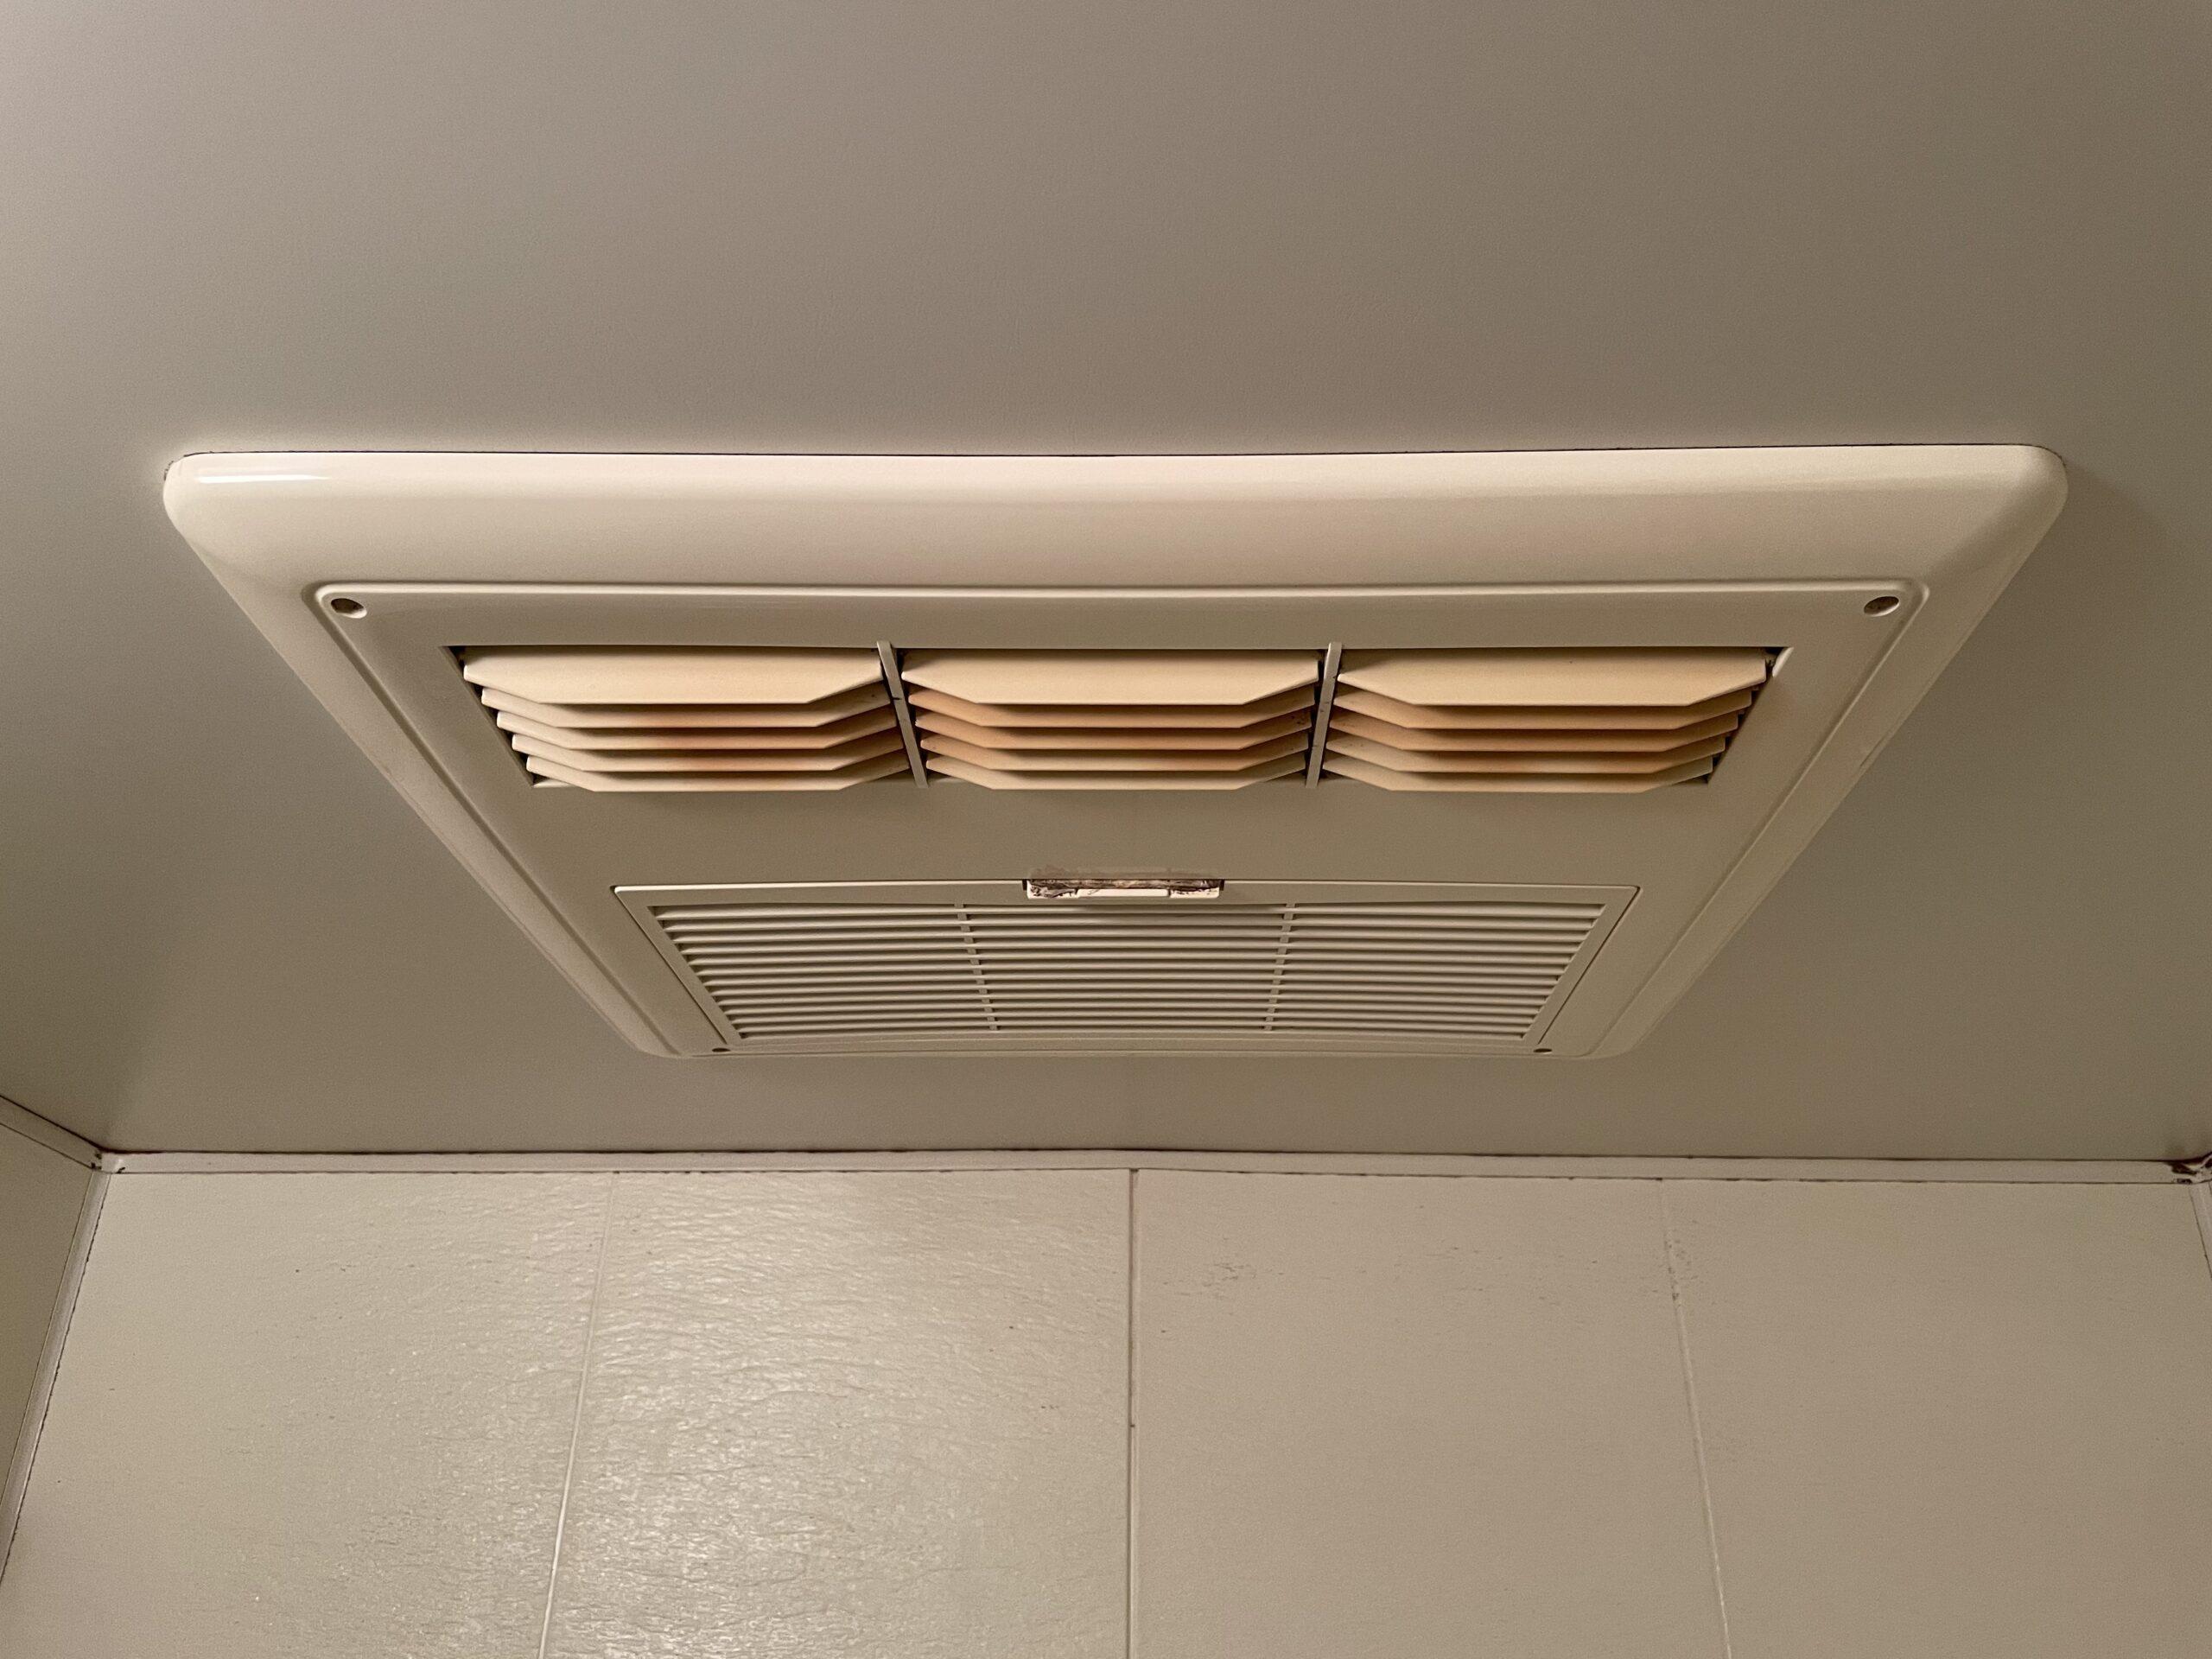 天王寺区 浴室暖房 施工前①